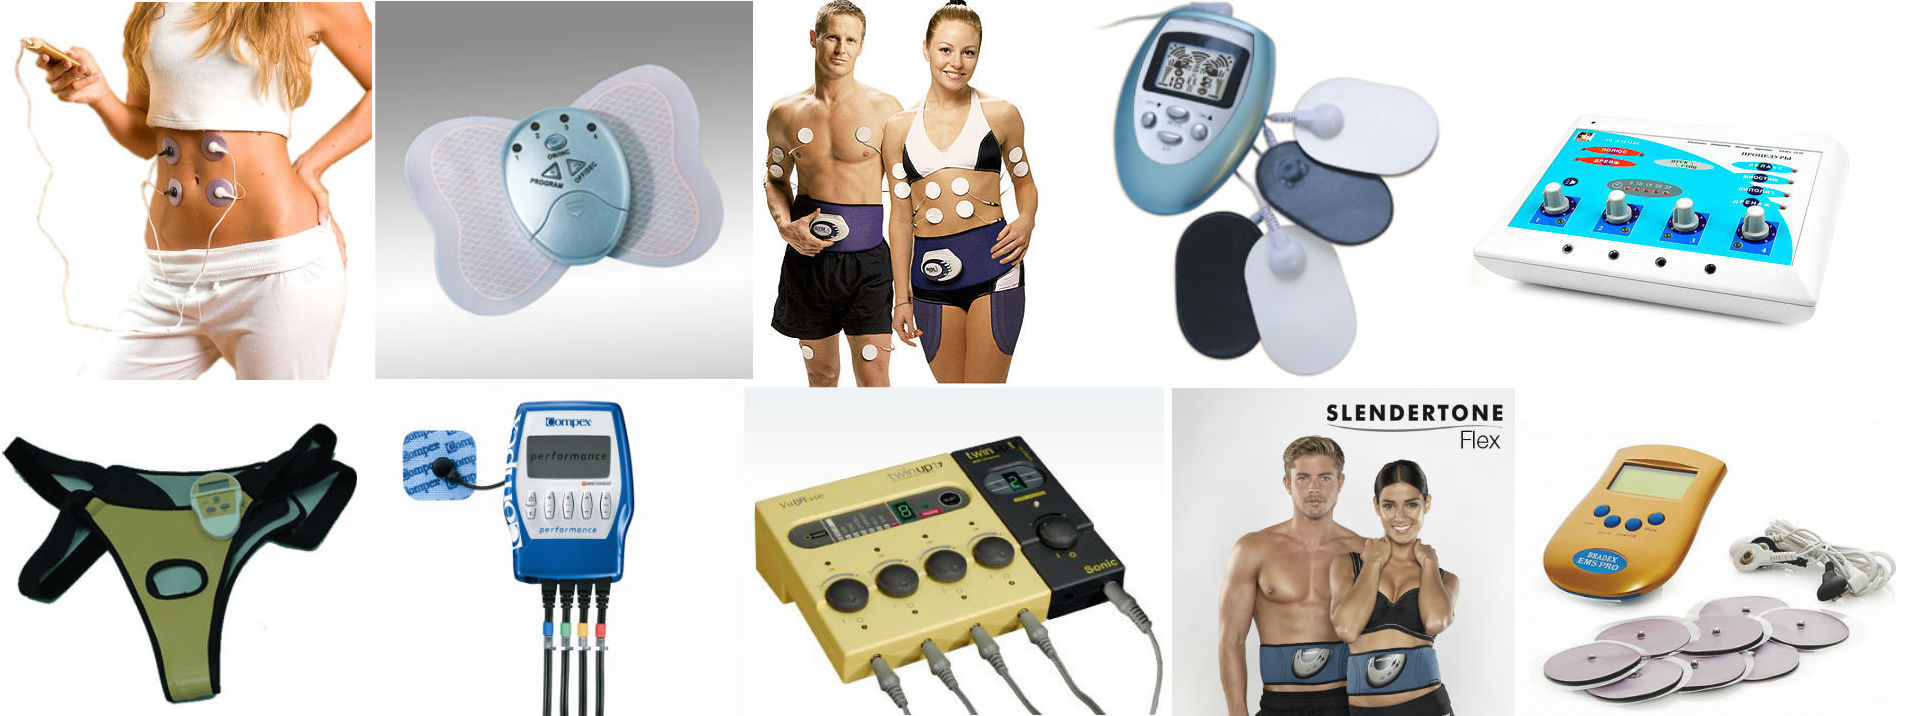 Миостимуляция и миостимуляторы — кому и зачем это может быть полезно - 10